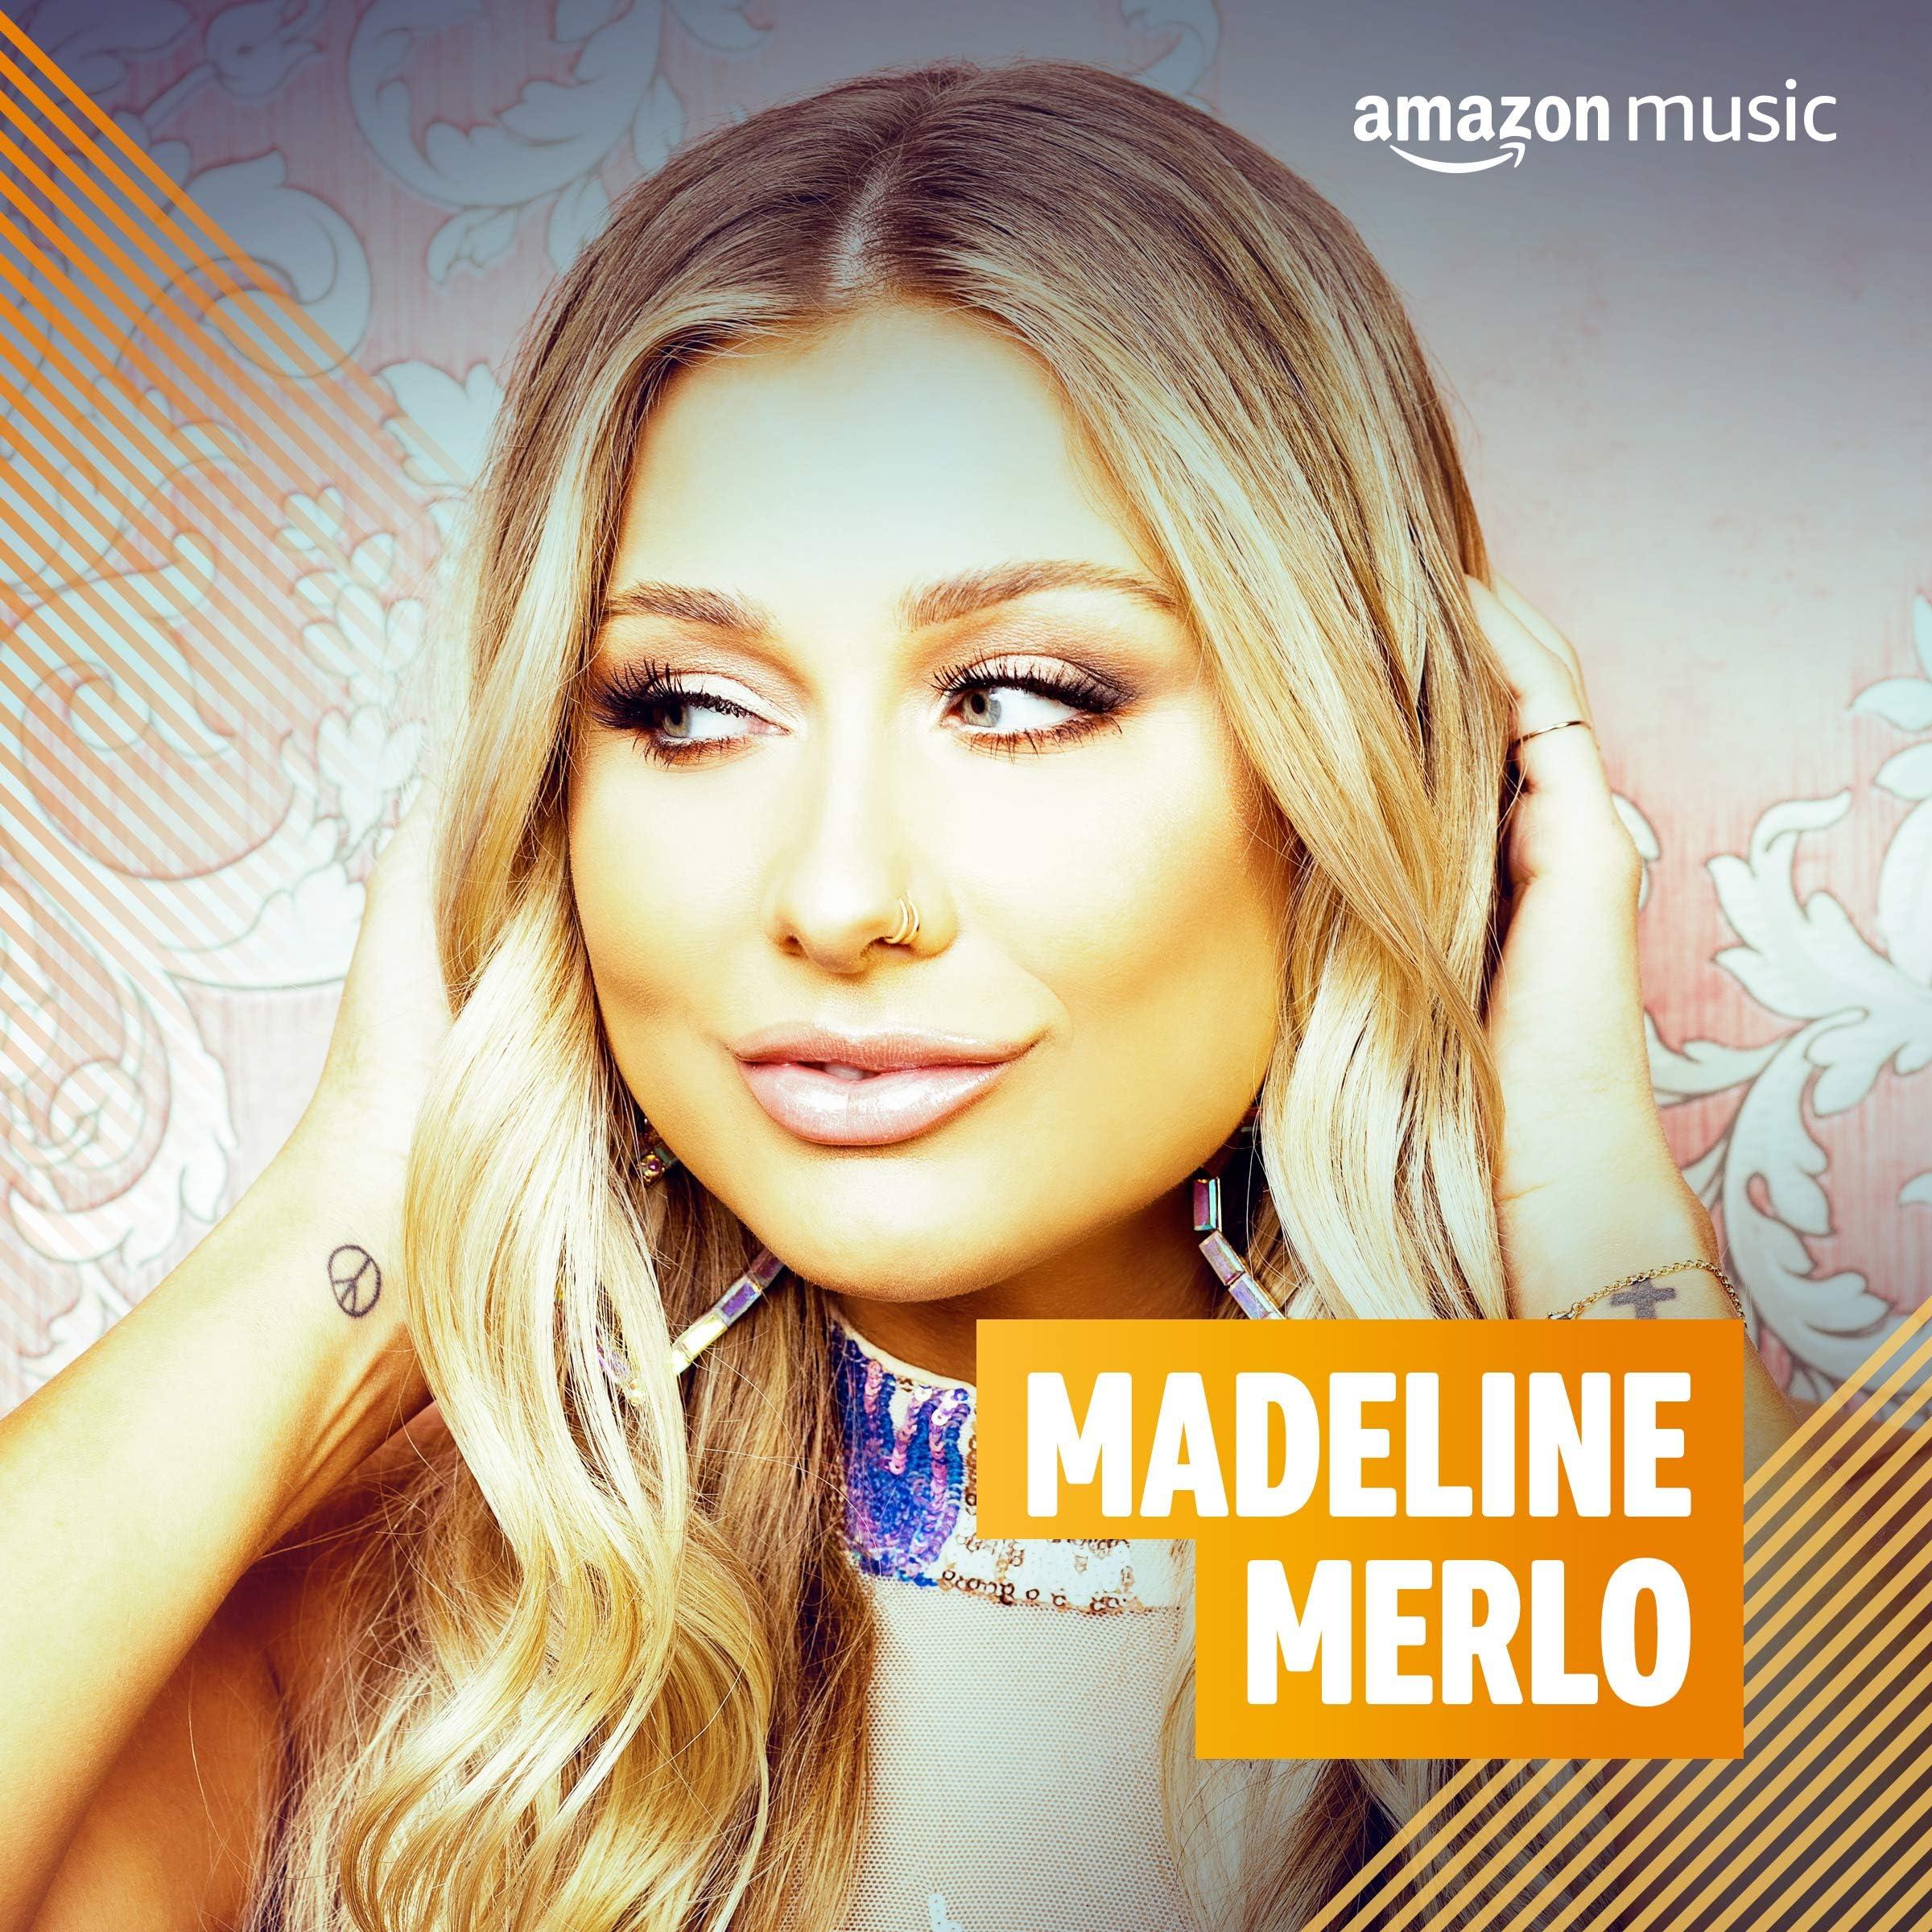 Madeline Merlo